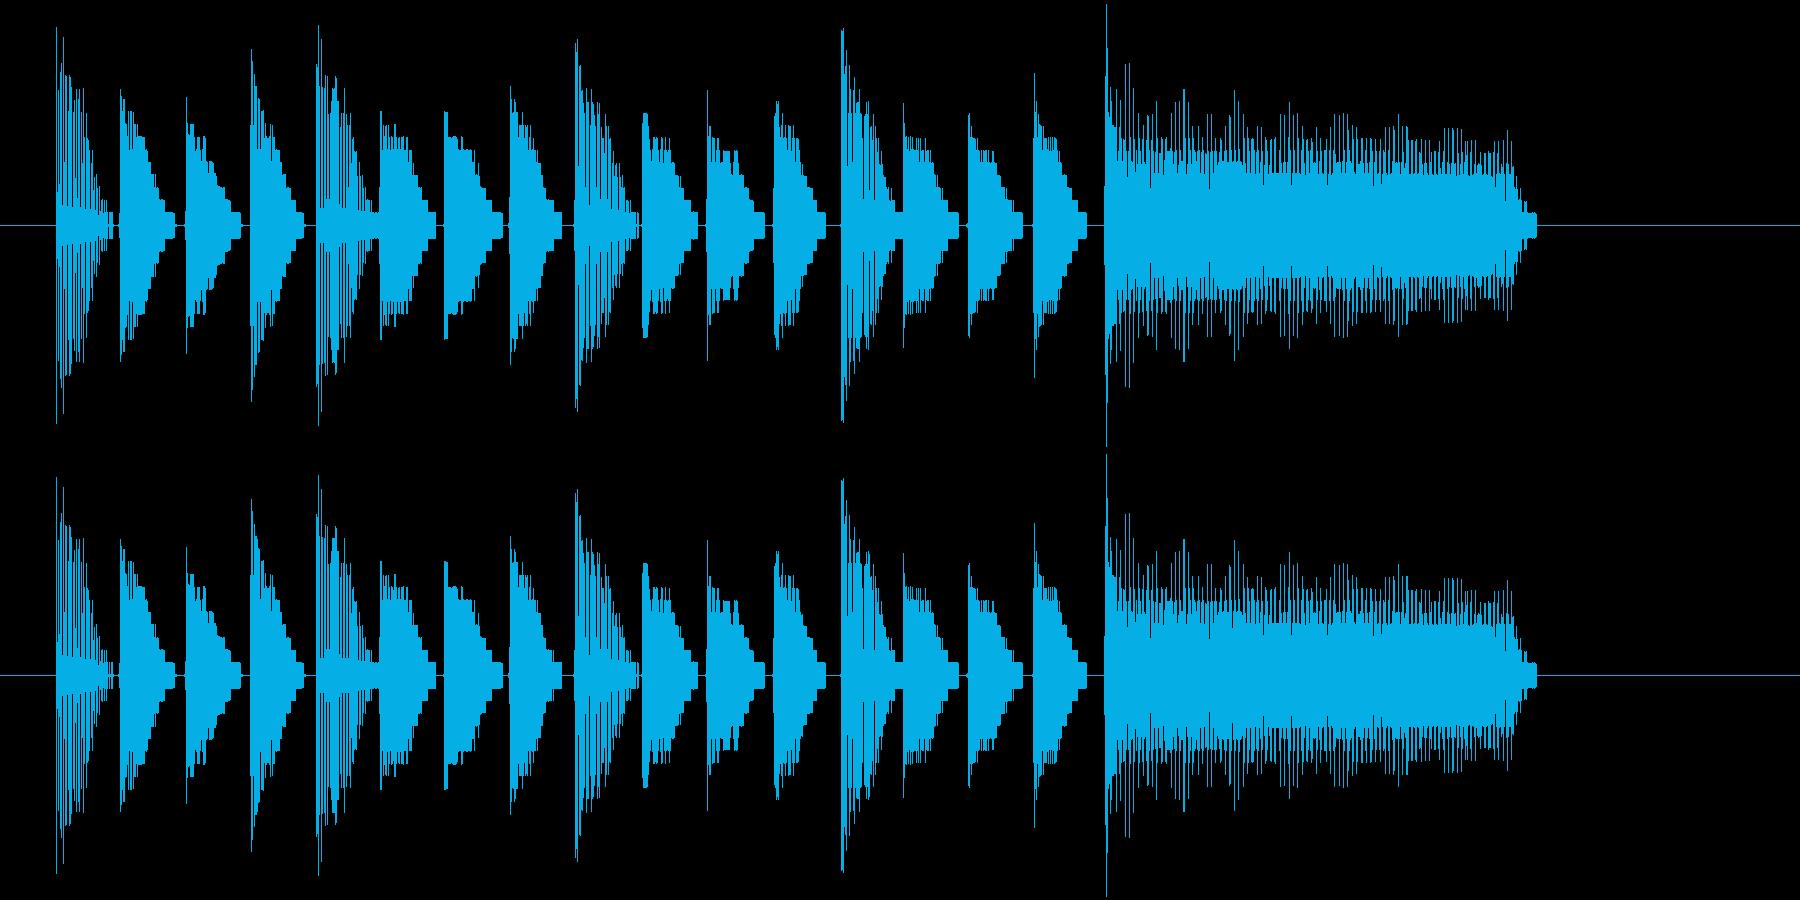 獲得系の楽曲。の再生済みの波形